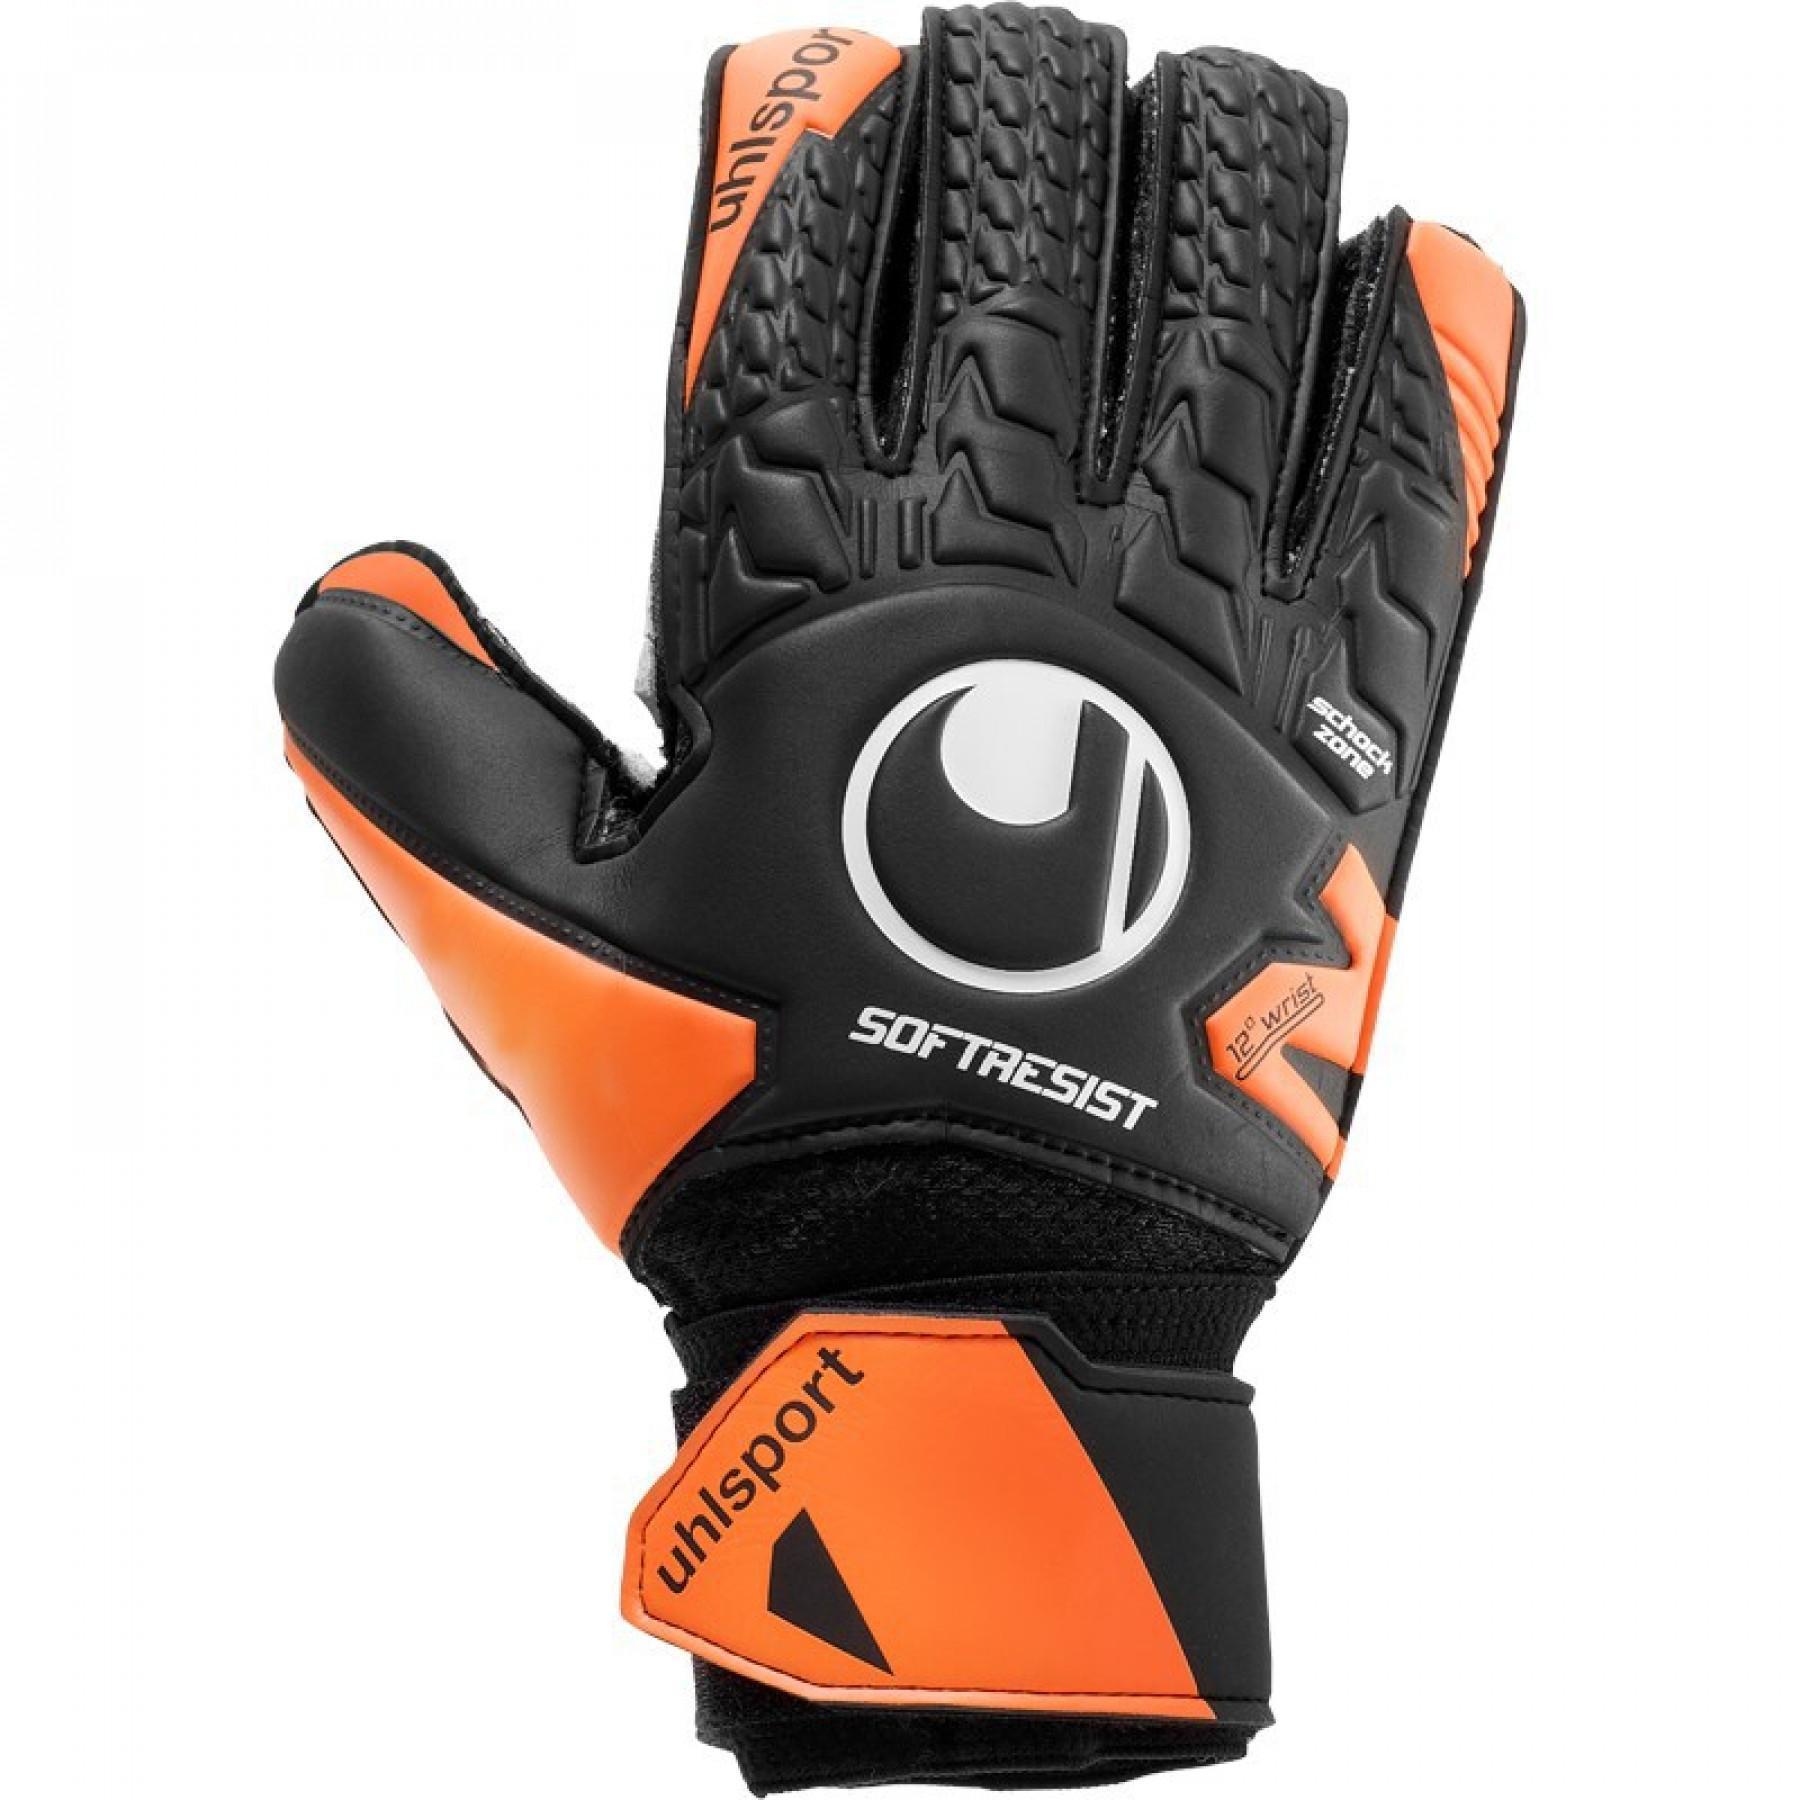 Guanti Uhlsport Soft Resist Flex Frame Goalie Gloves